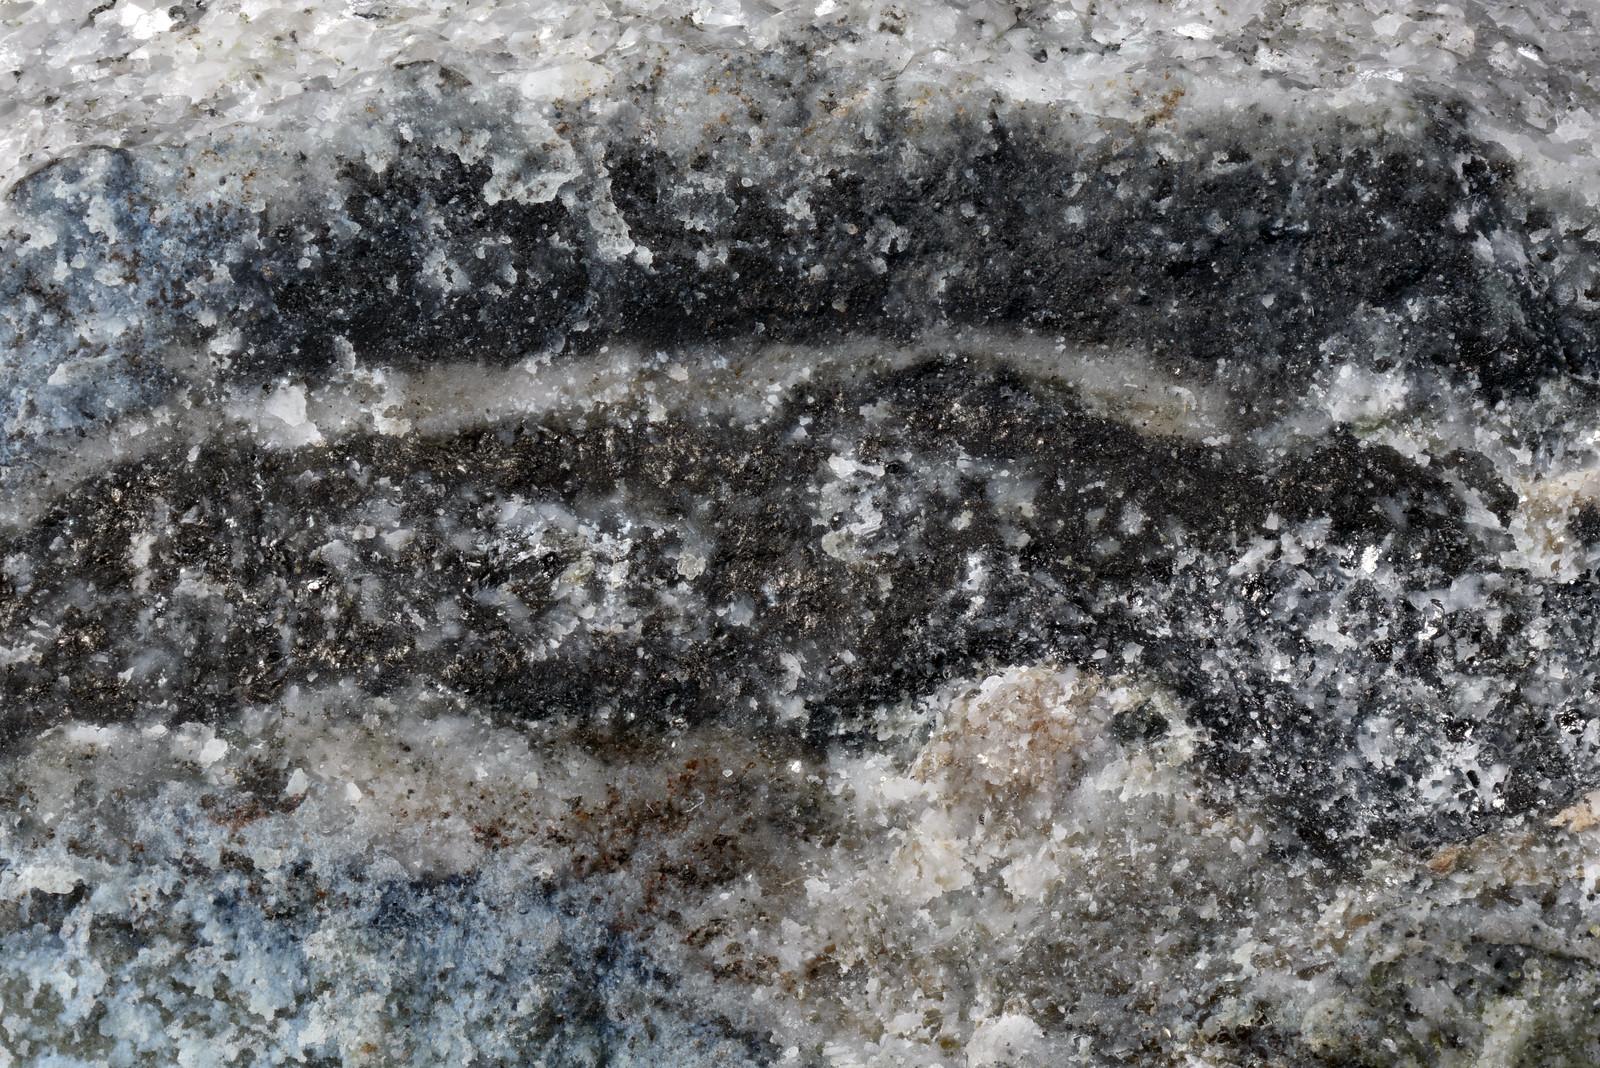 トチリン鉱 / Tochilinite